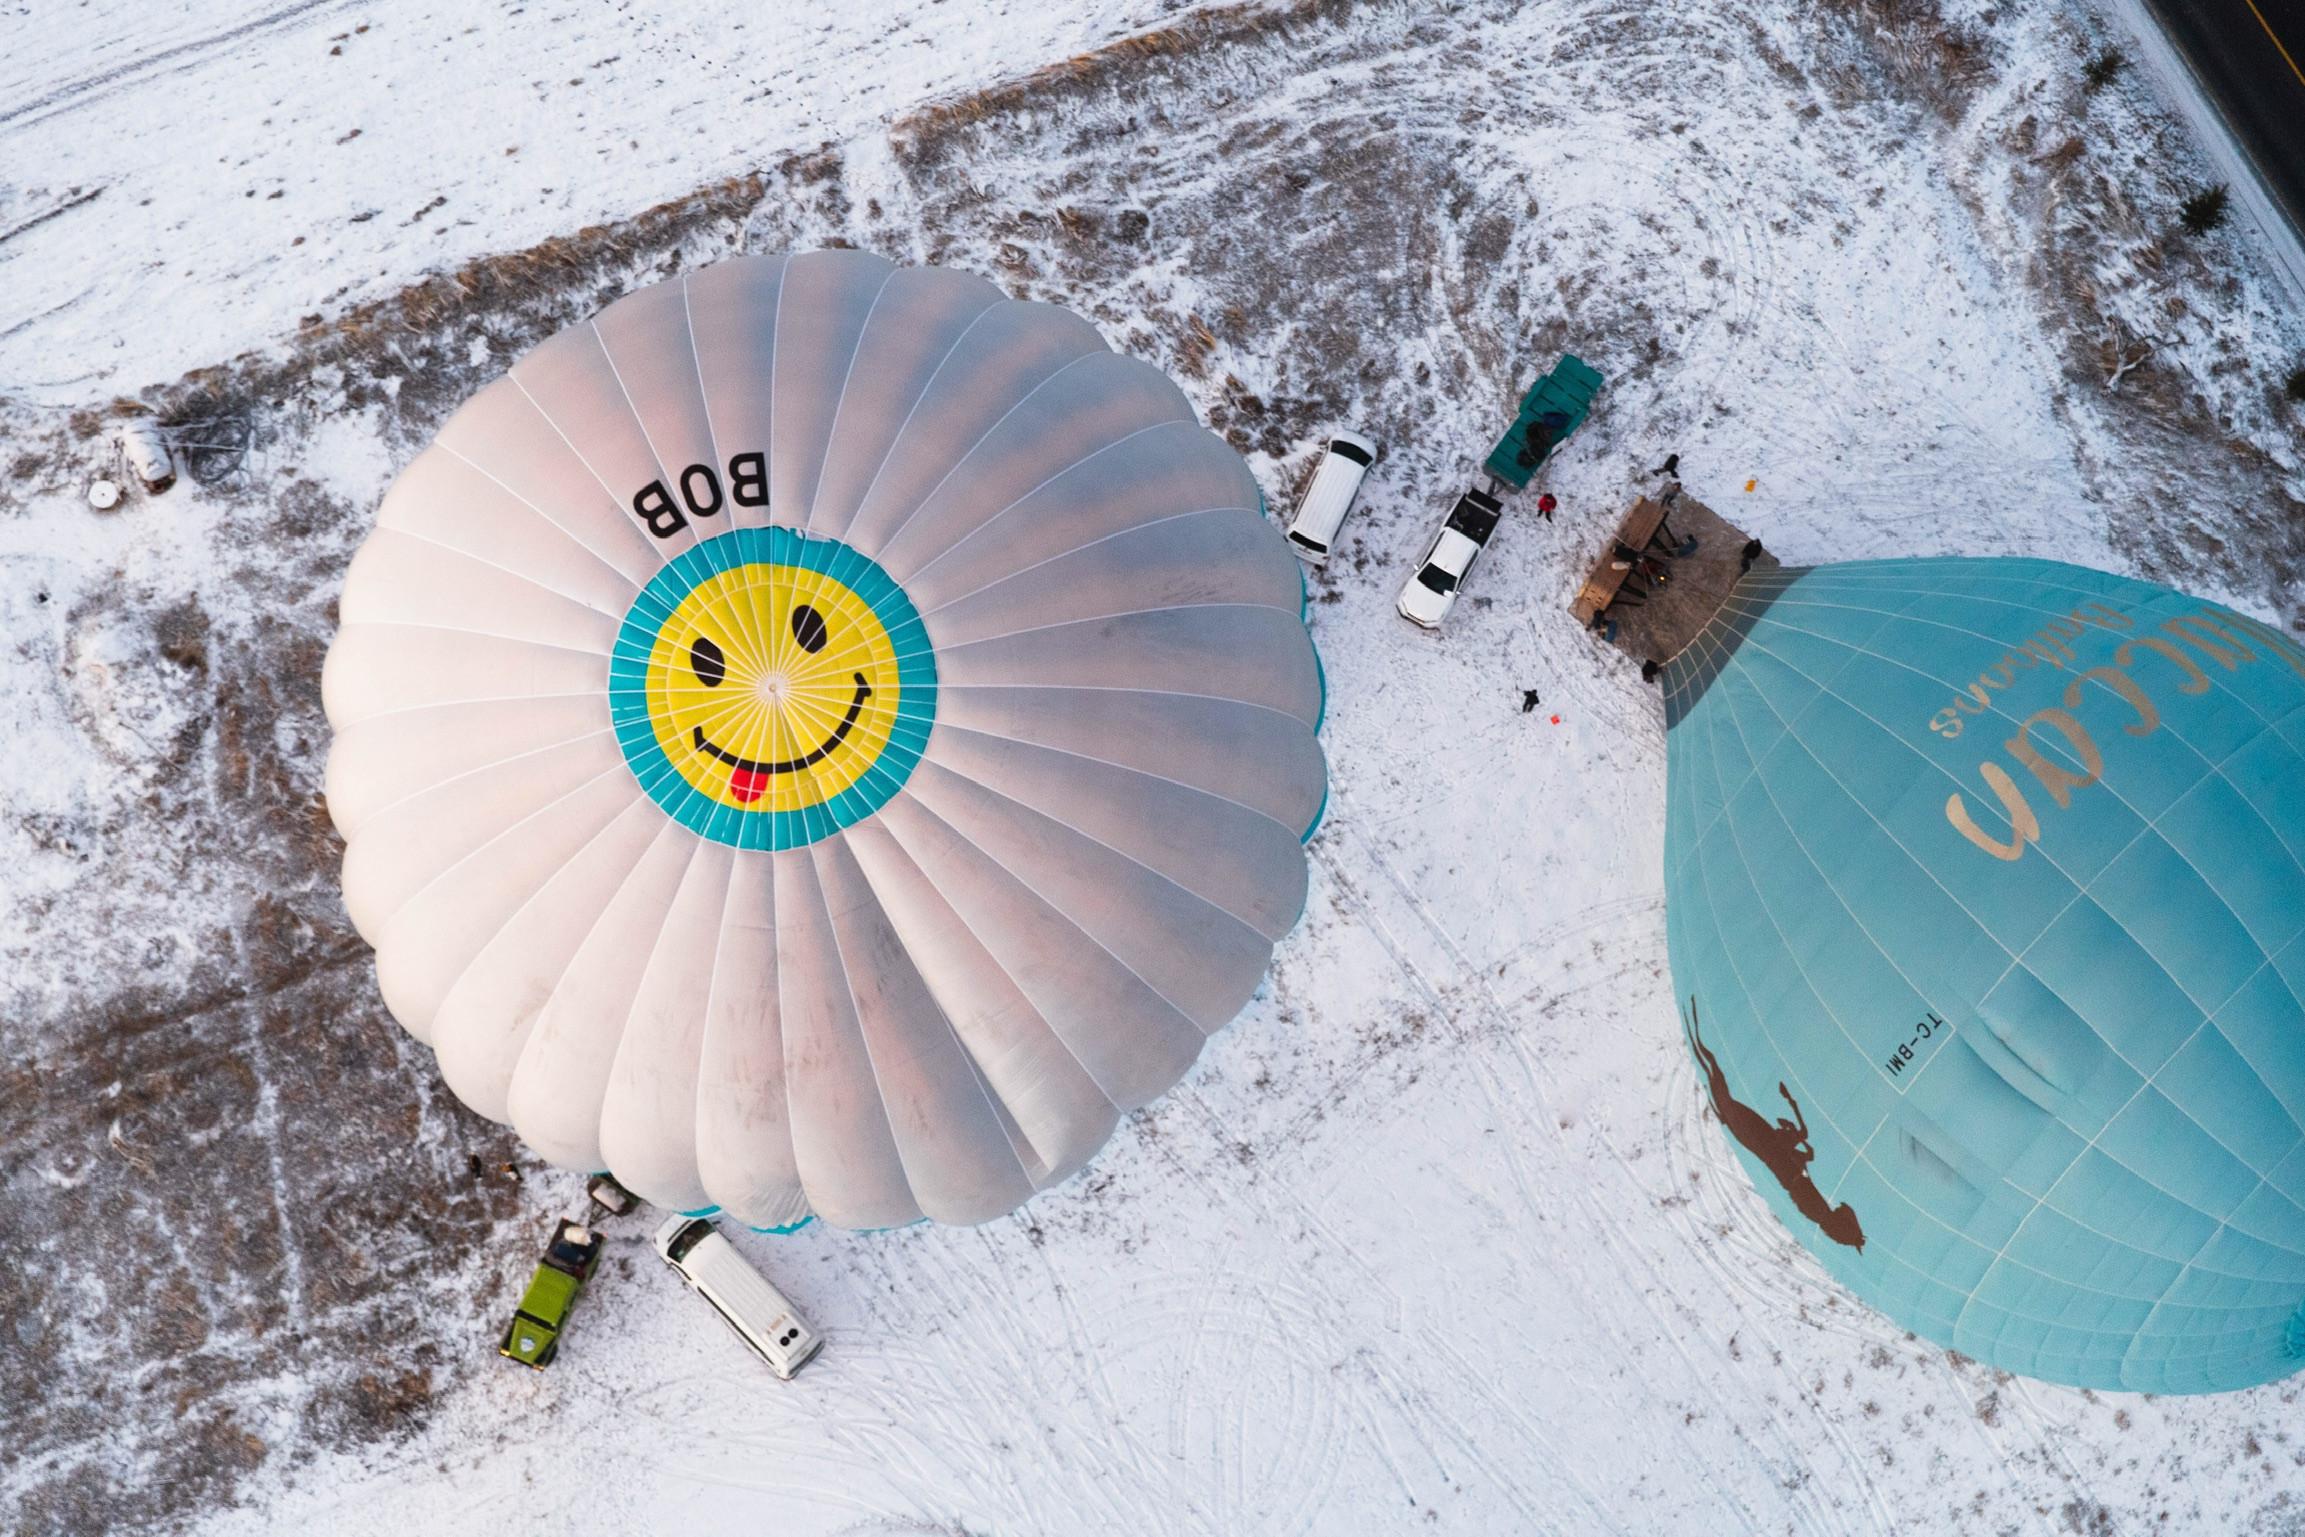 Роскошная поездка на воздушном шаре